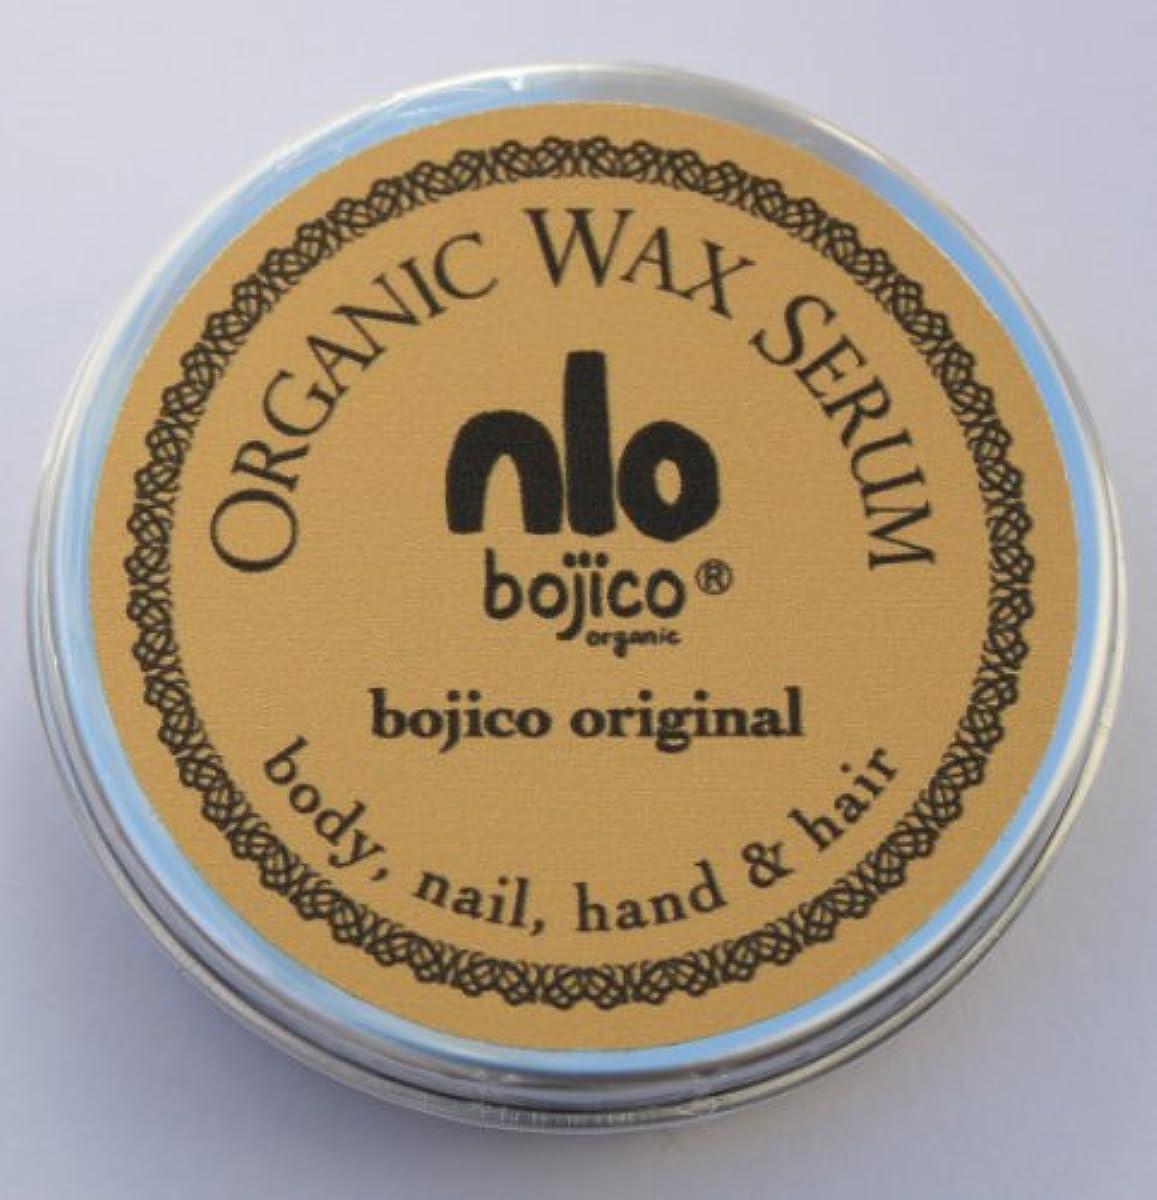 圧倒的同盟道bojico オーガニック ワックス セラム<オリジナル> Organic Wax Serum 40g